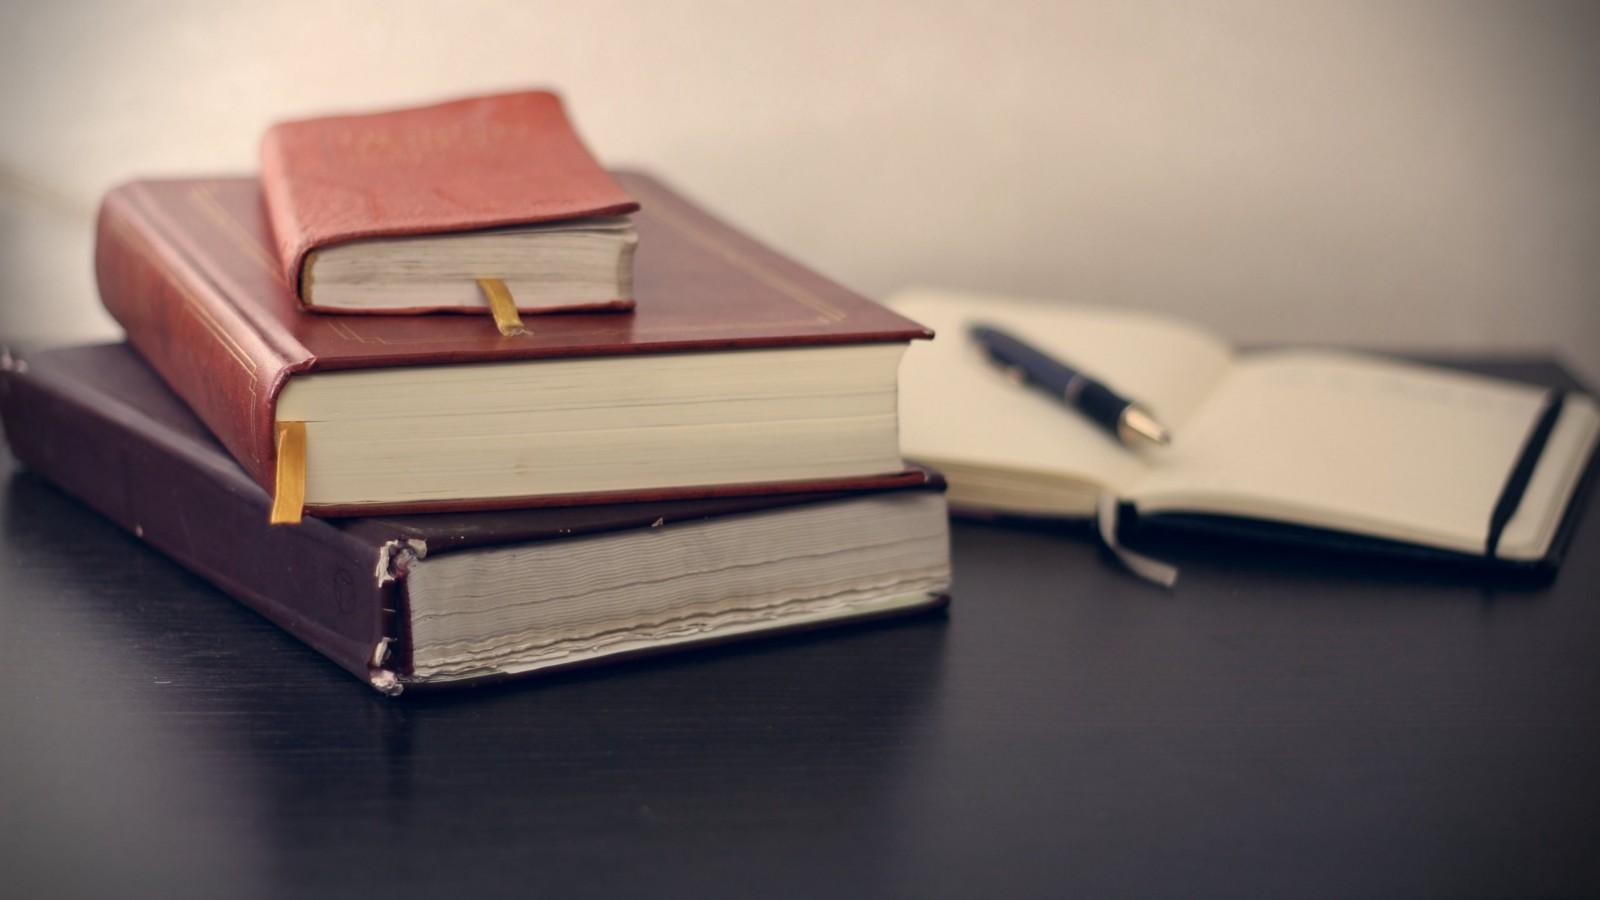 ما هي أقسام الورقة العلمية